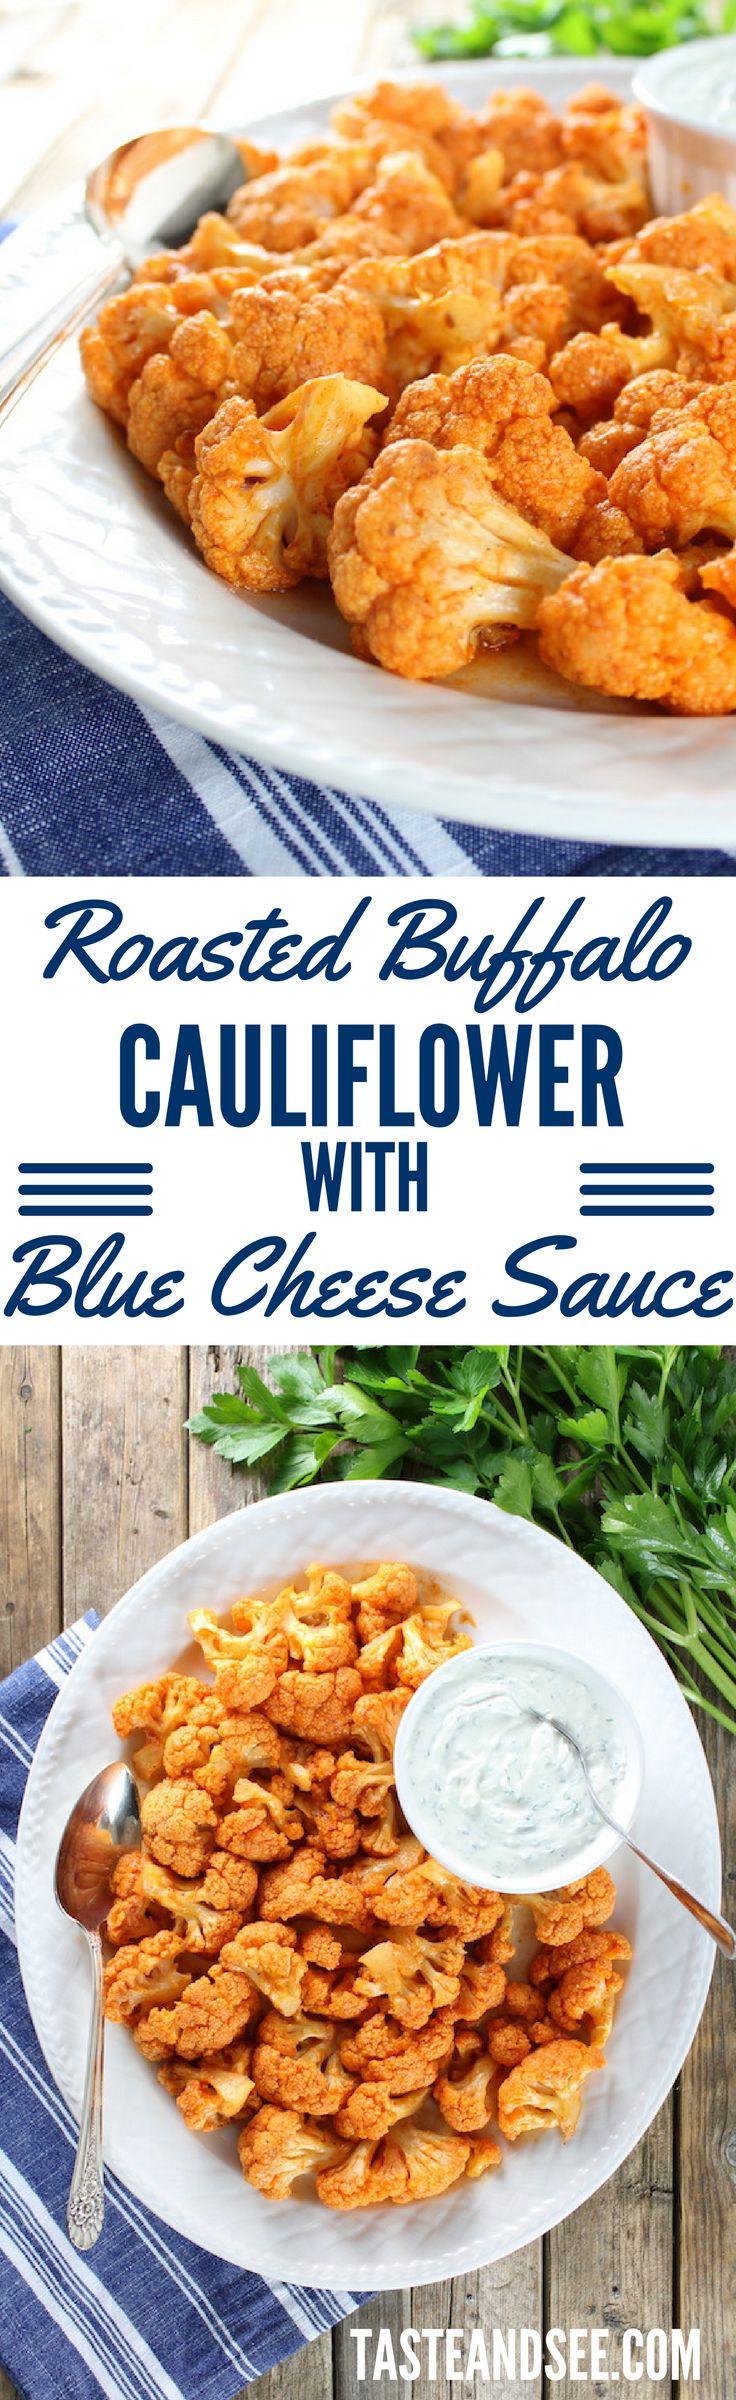 blauwekaassaus is denk ik goed te maken door blauwe kaas te smelten en te mengen met magere kwark. lang laten staan, vast goed te doen!